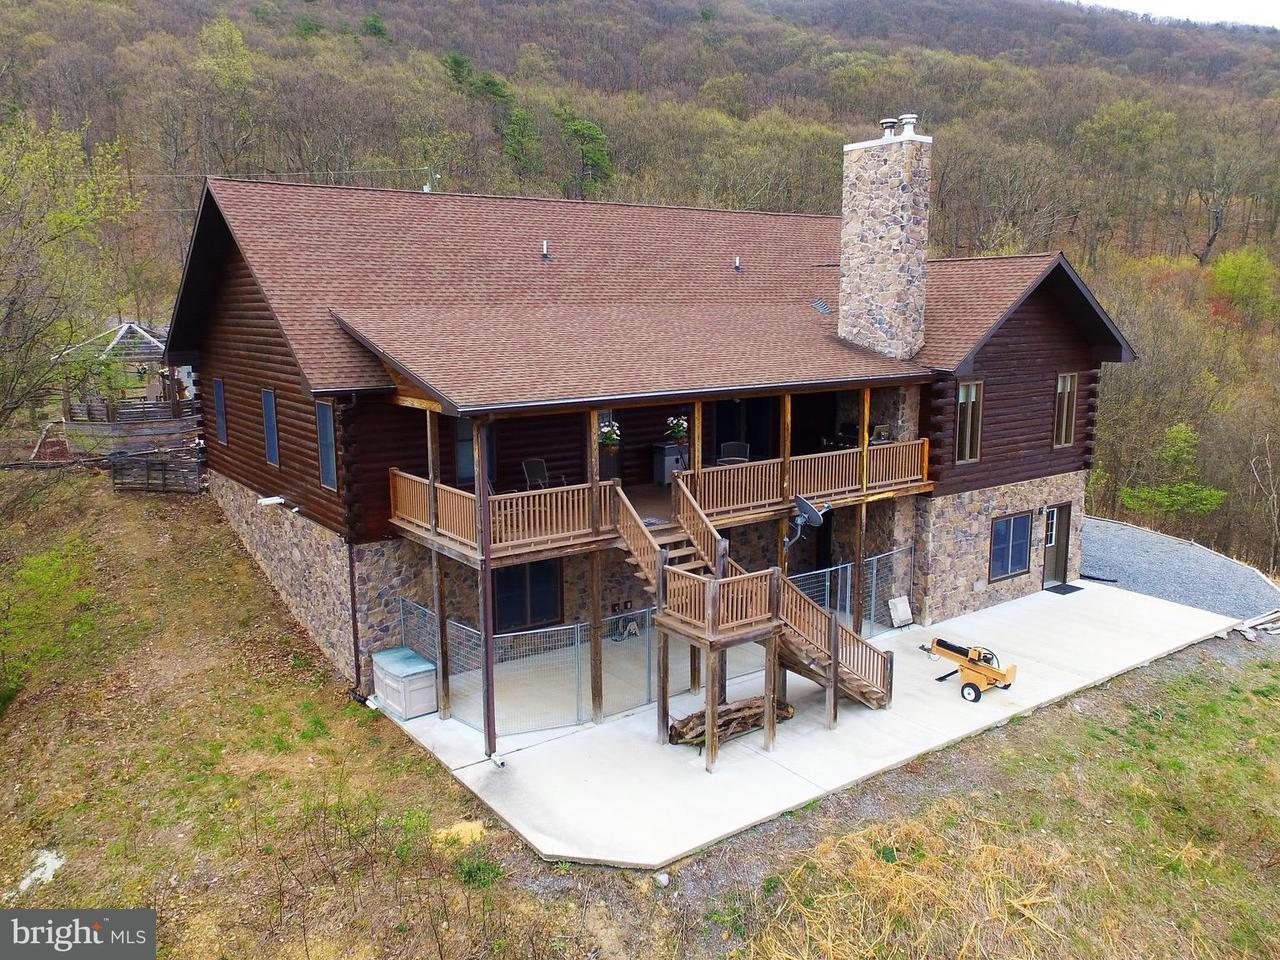 Μονοκατοικία για την Πώληση στο 684 SCARLET OAK Drive 684 SCARLET OAK Drive Moorefield, Δυτικη Βιρτζινια 26836 Ηνωμενεσ Πολιτειεσ